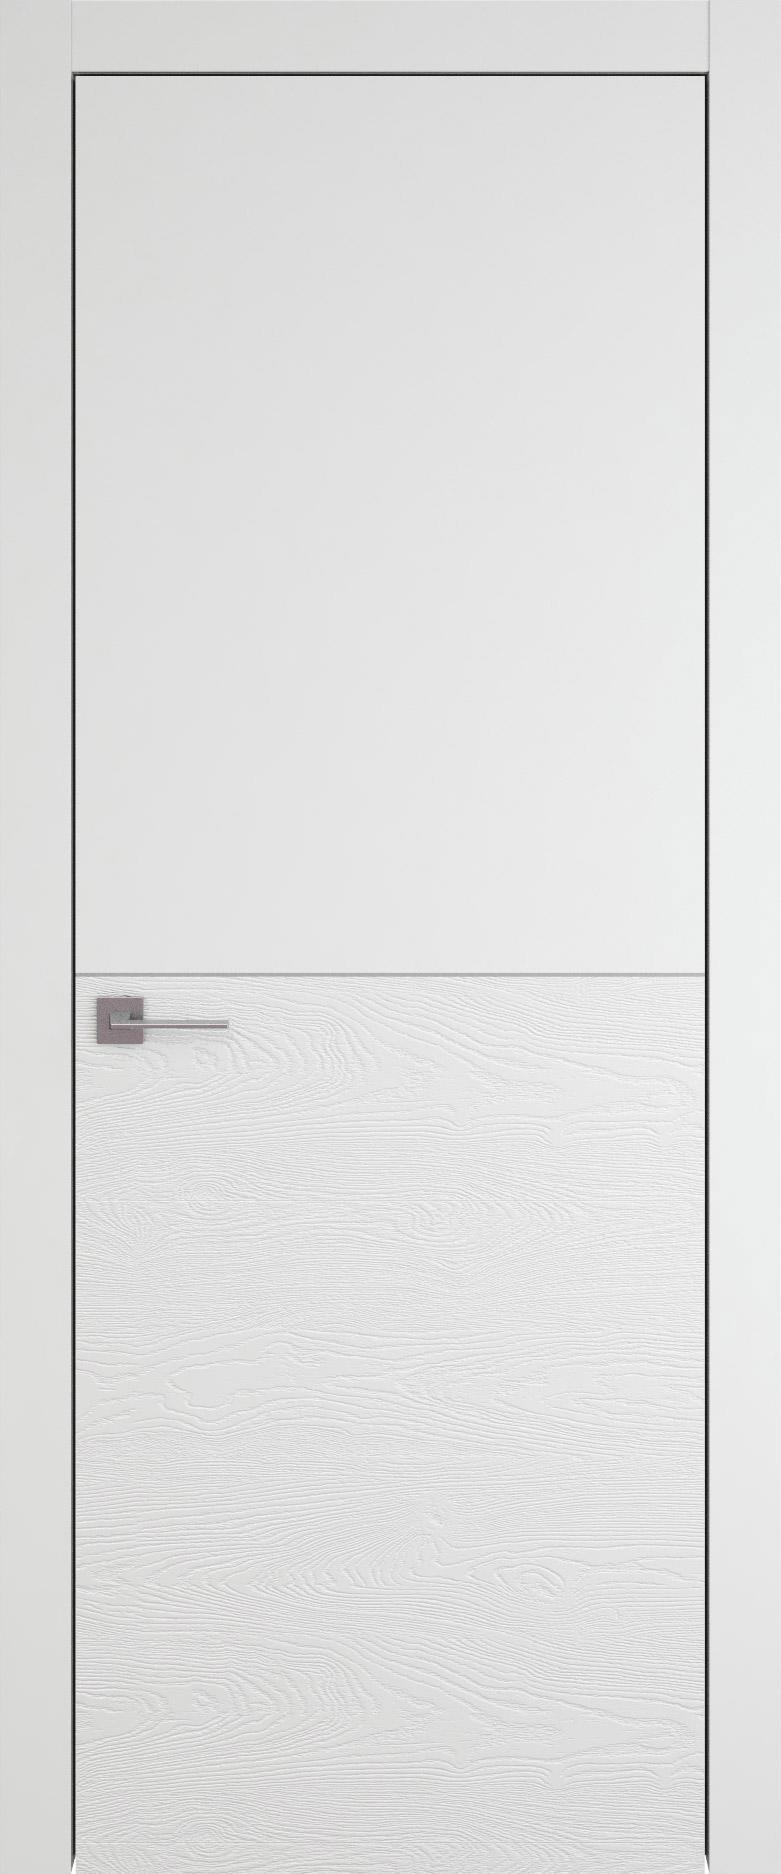 Tivoli Б-2 цвет - Белая эмаль-эмаль по шпону (RAL 9003) Без стекла (ДГ)